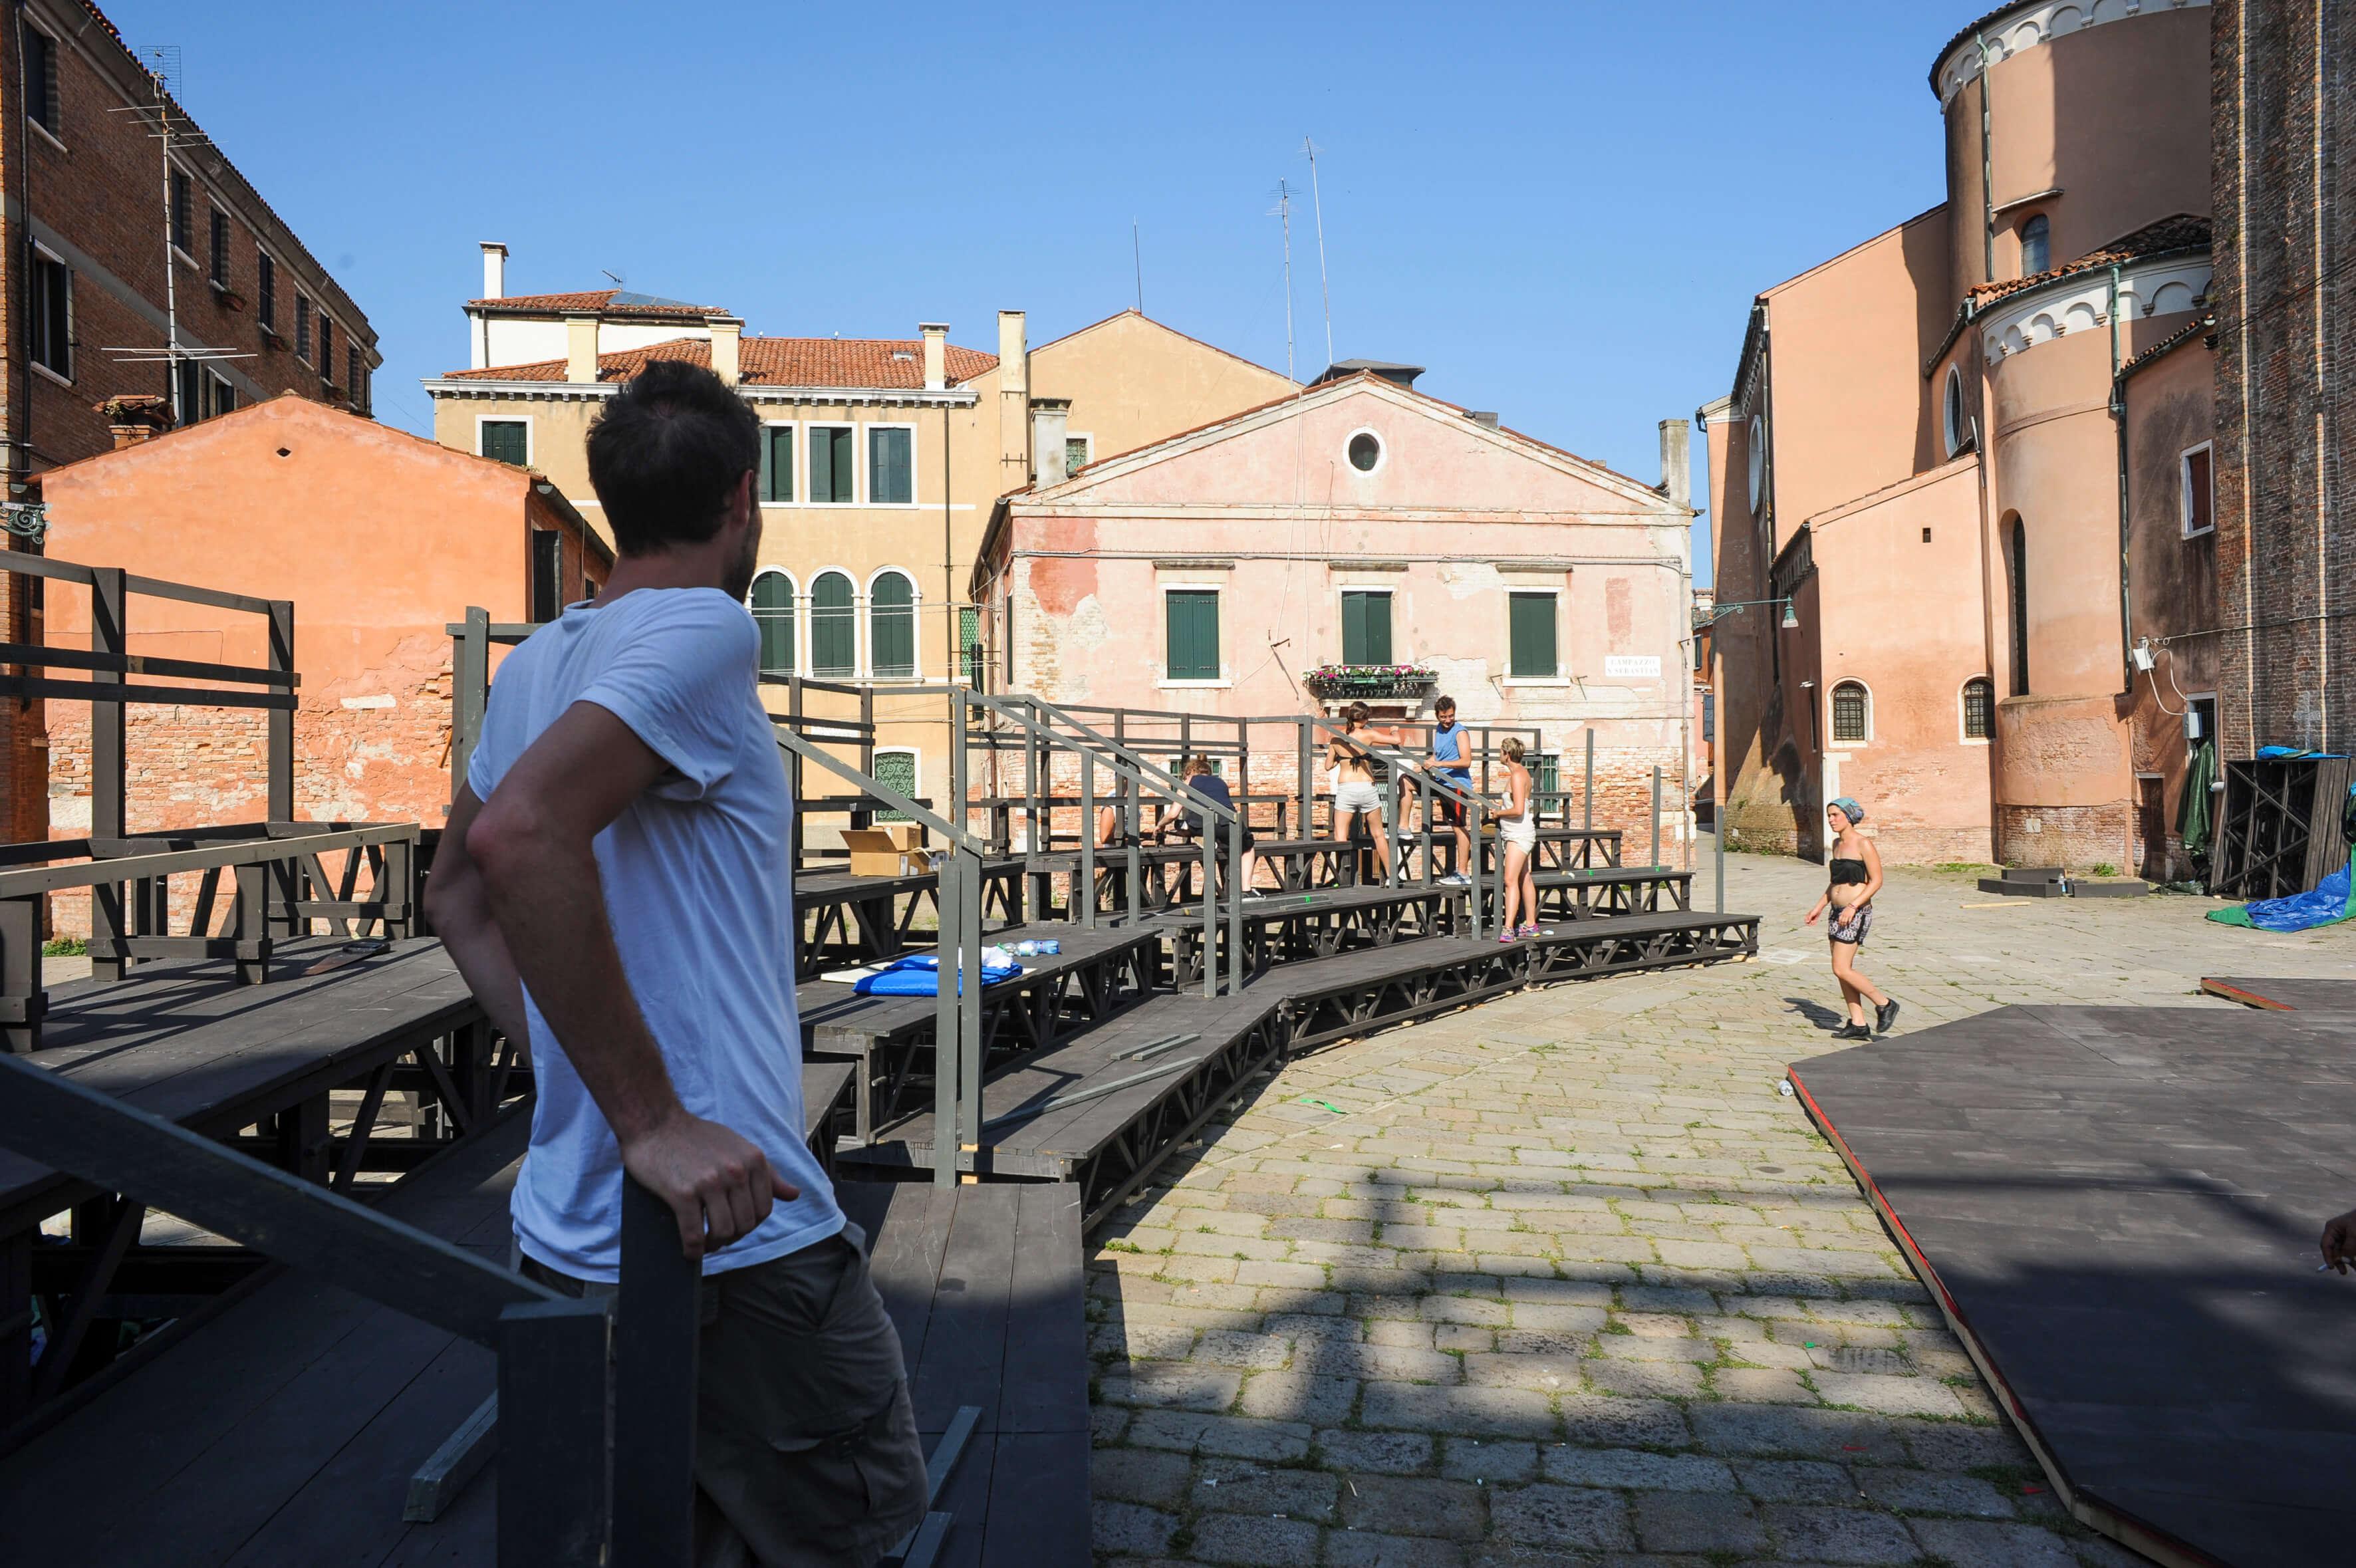 Teatro all'aperto a Venezia